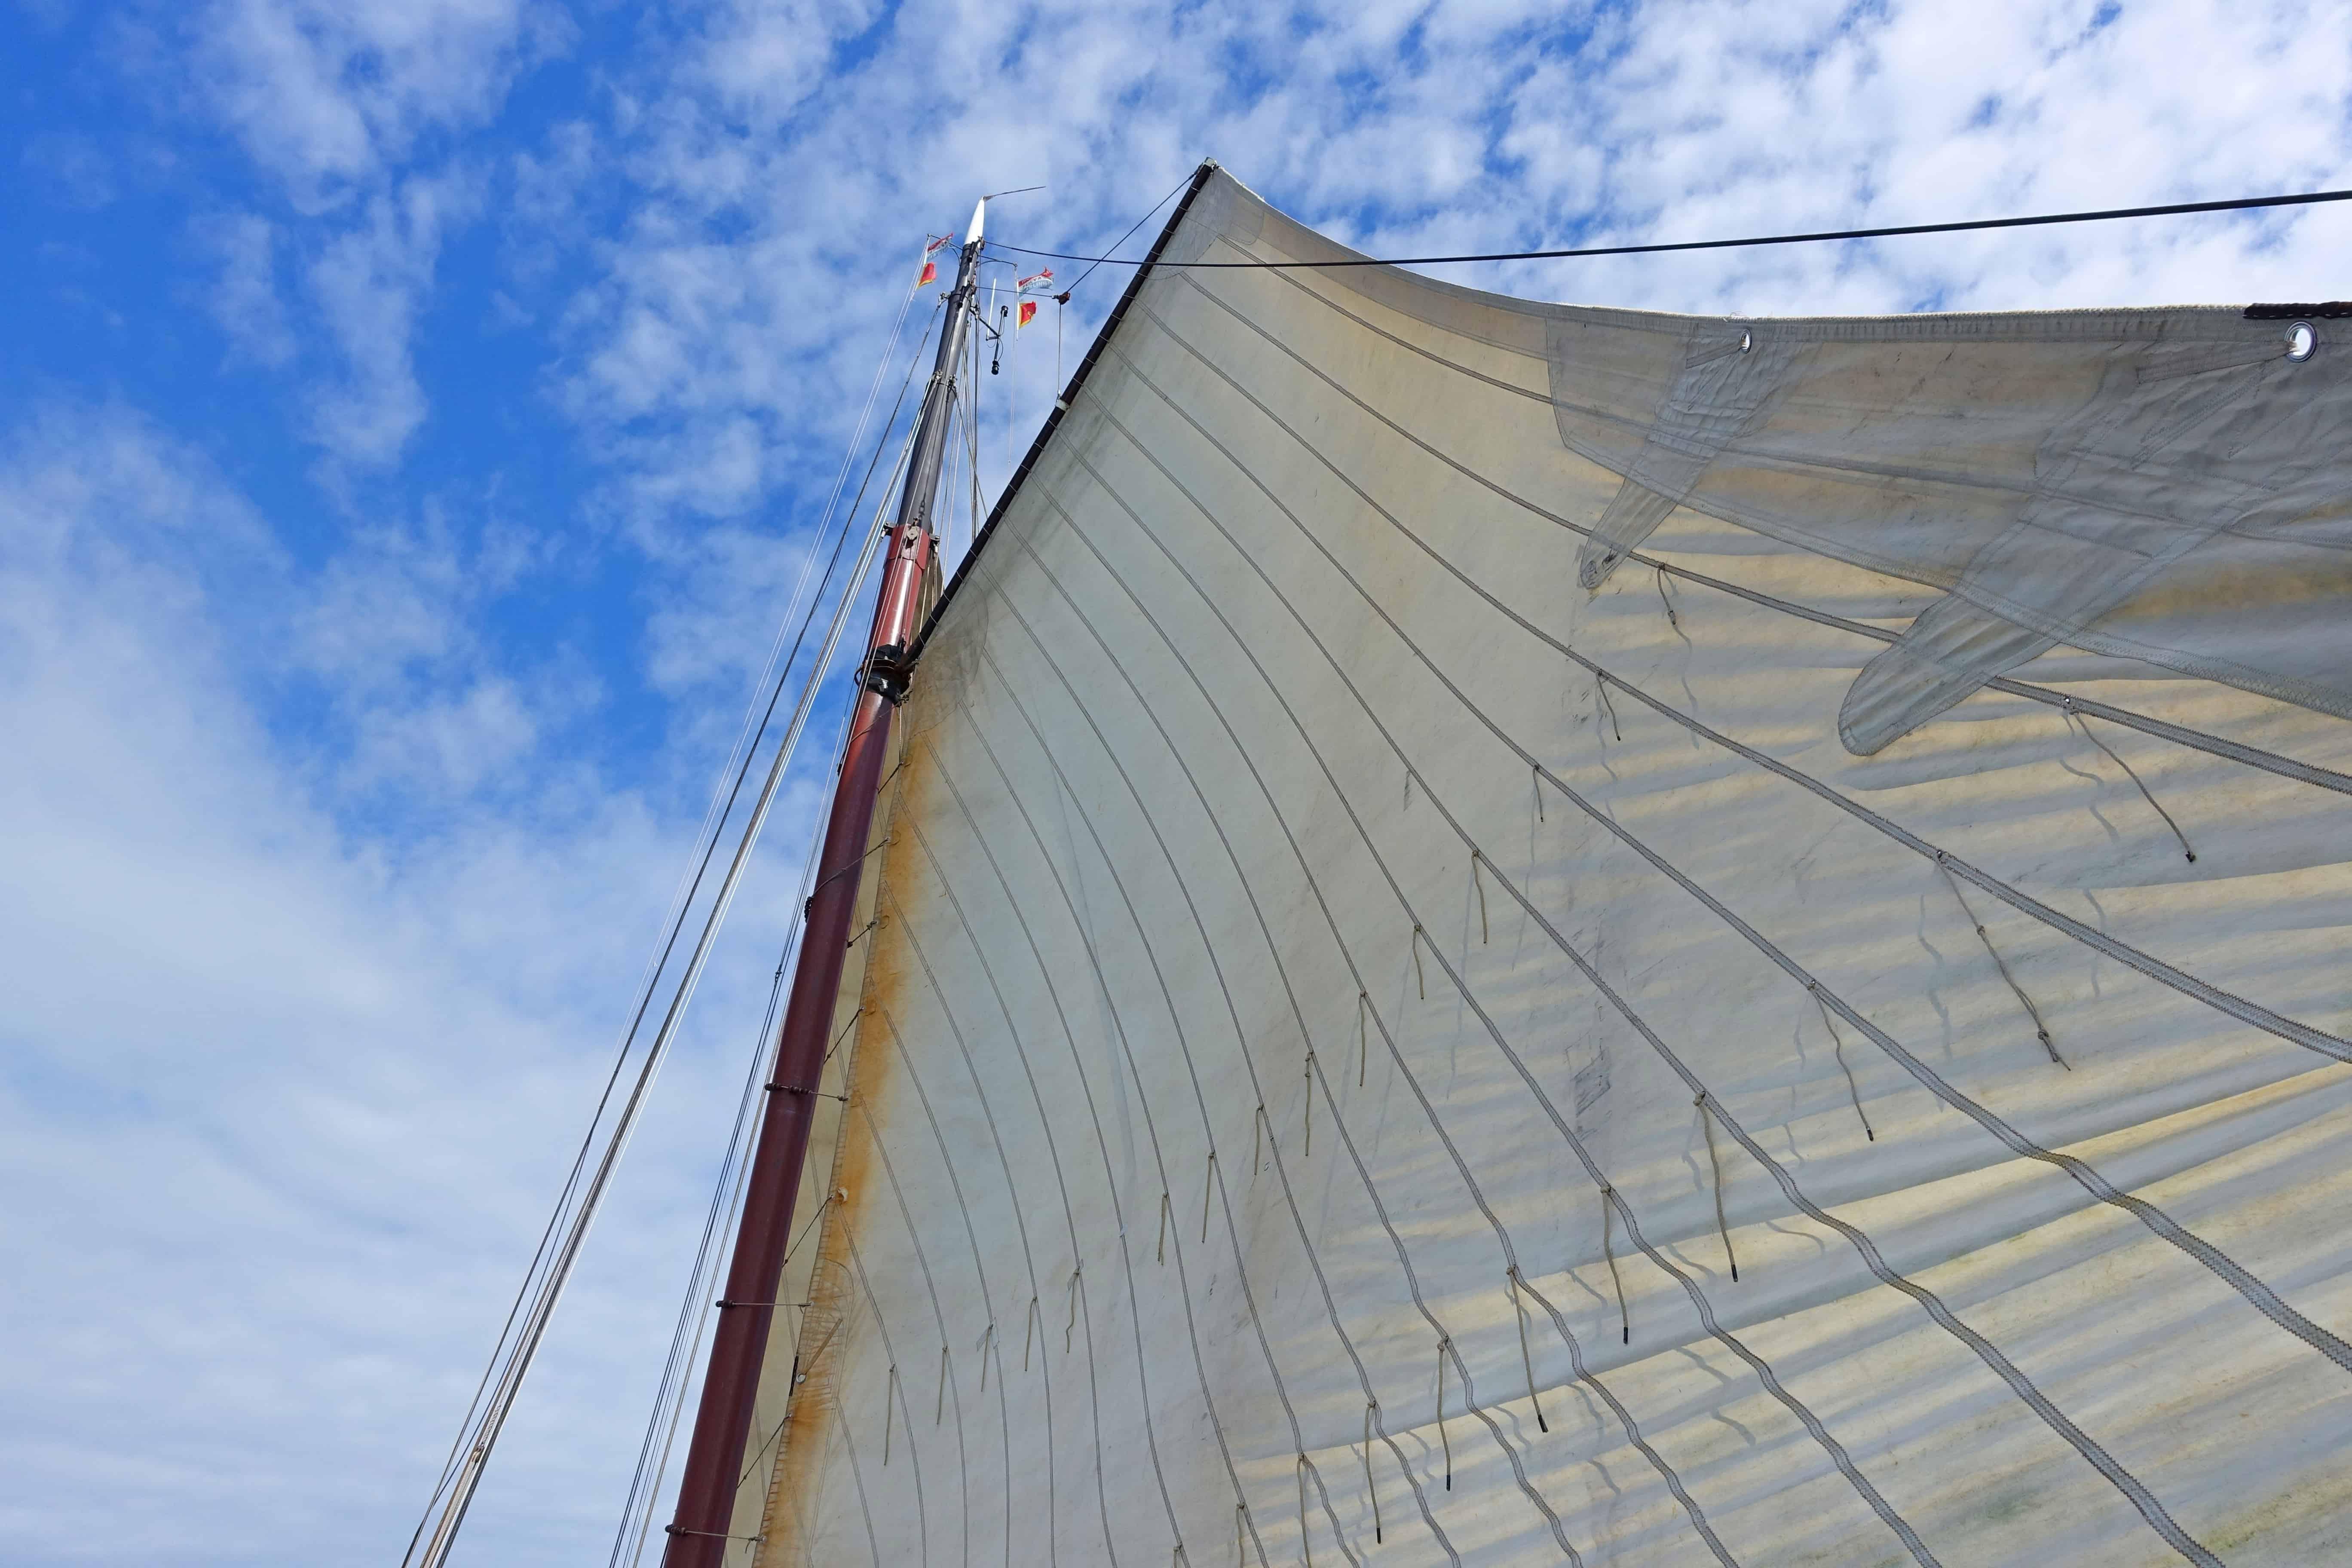 De wind in de zeilen van de Larus